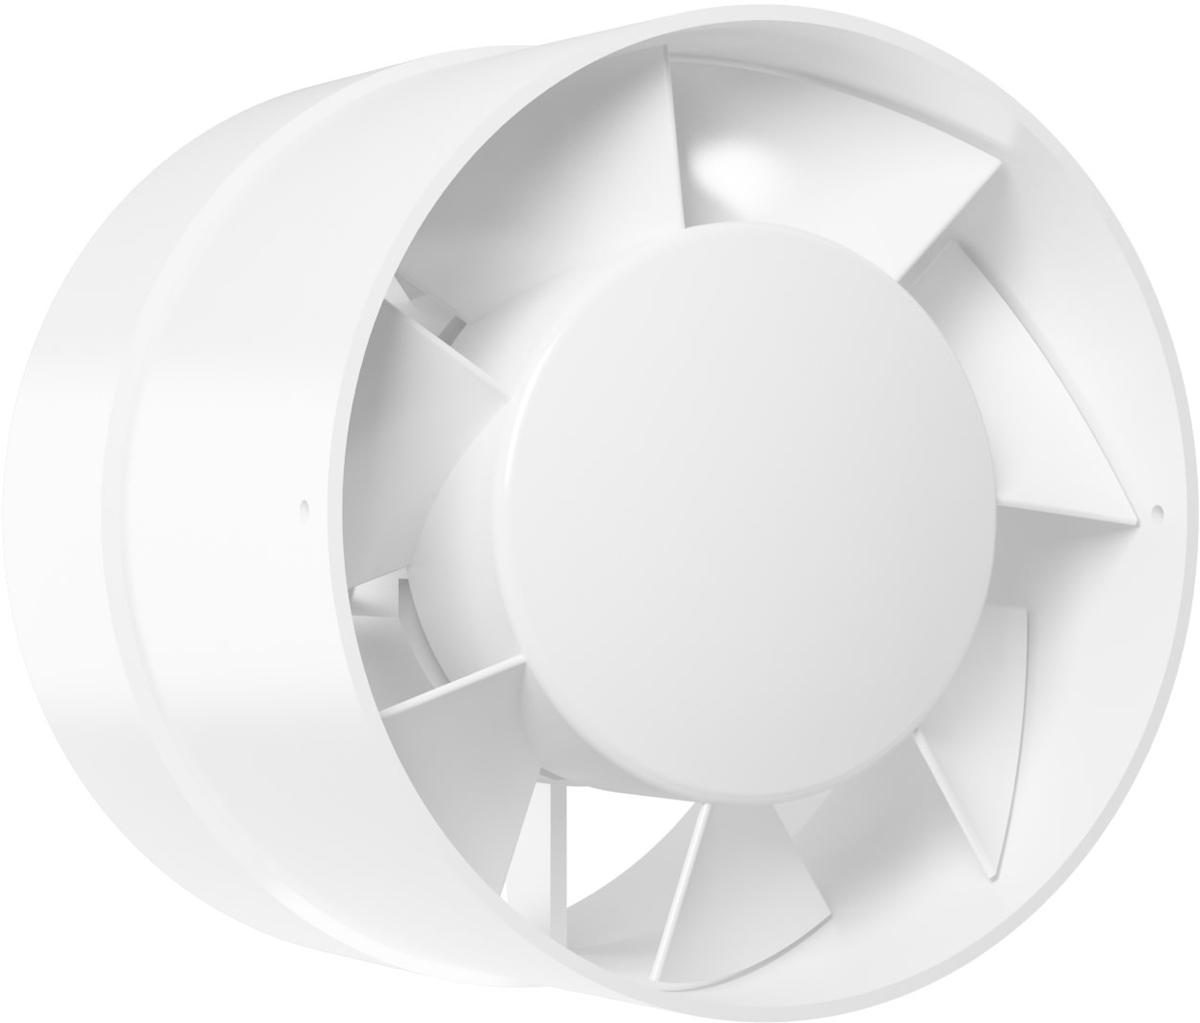 Auramax VP 5 вентилятор осевой канальный вытяжной auramax vp 5 вентилятор осевой канальный вытяжной